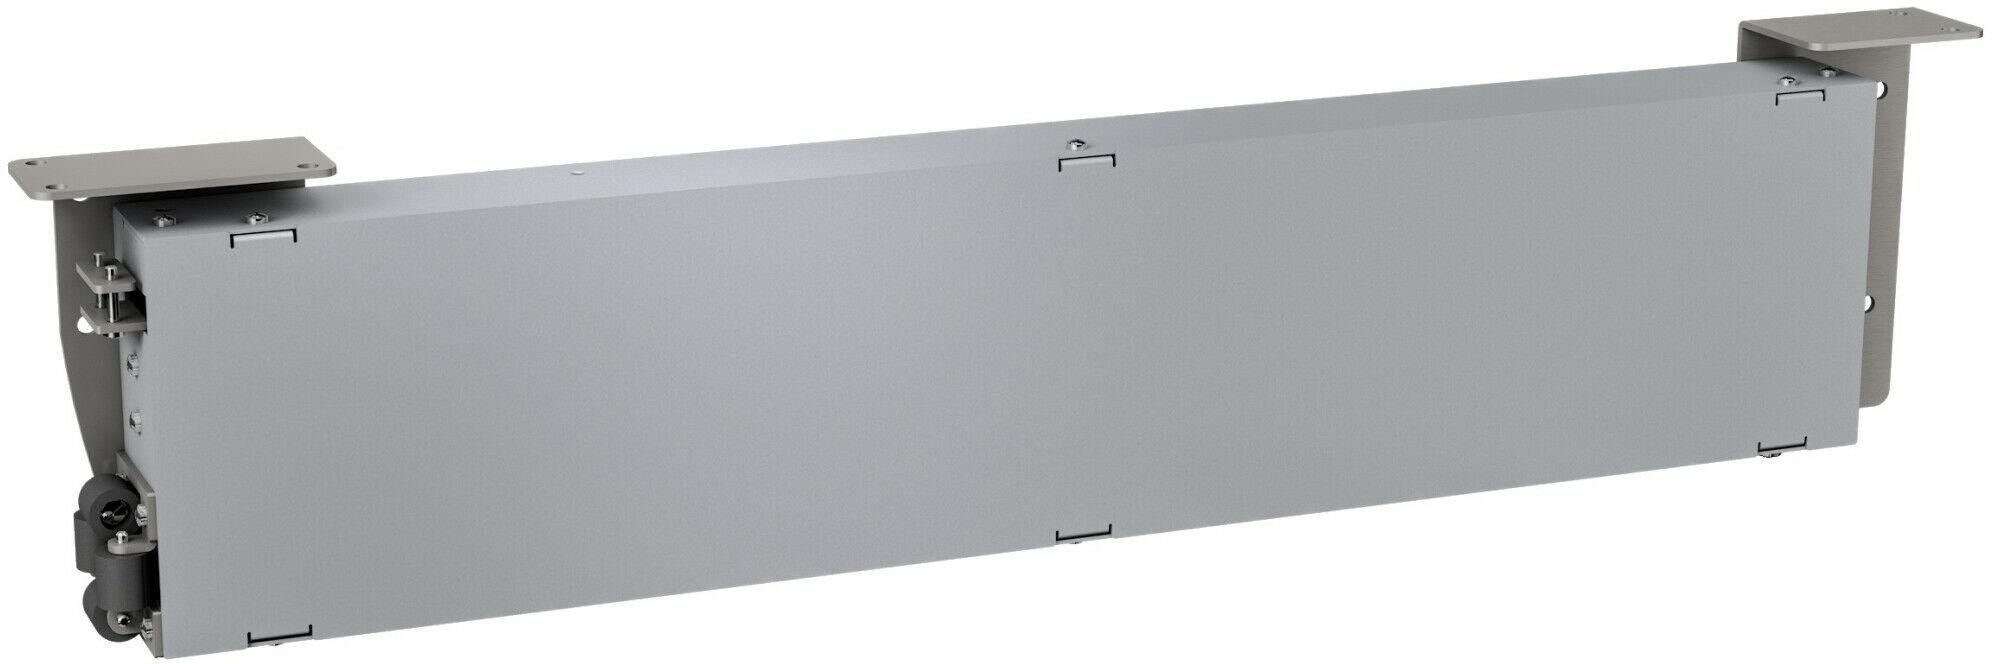 Kindermann CableCaddy Universal, ręczne wciąganie kabla przy użyciu siły sprężyny dla kabla AV i kabla okrągłego do transmisji danych